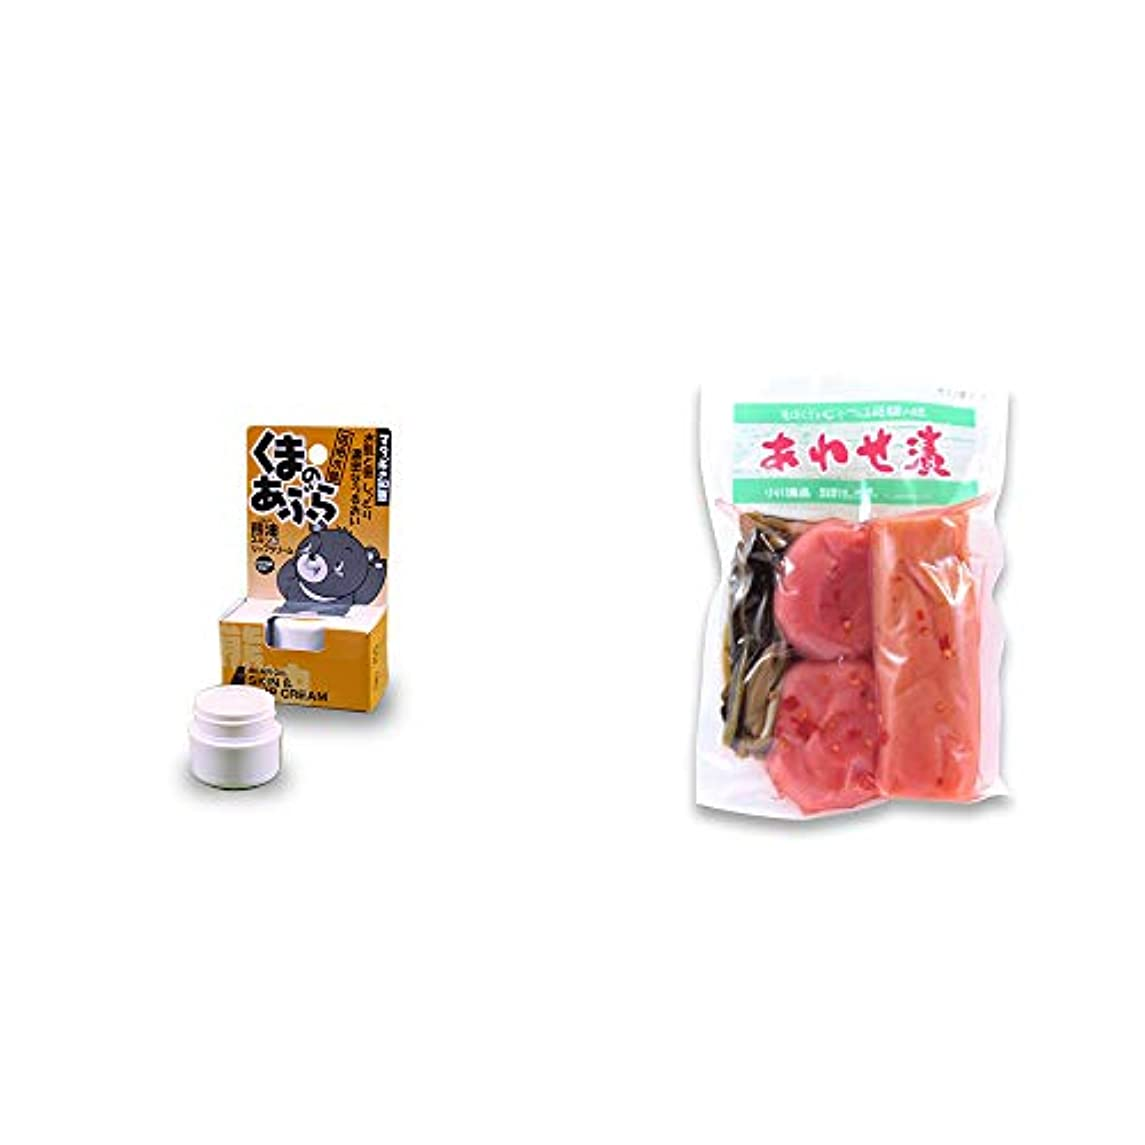 早熟叱る寸法[2点セット] 信州木曽 くまのあぶら 熊油スキン&リップクリーム(9g)?あわせ漬け(300g) [赤かぶら?たくあん?赤かぶ菜]